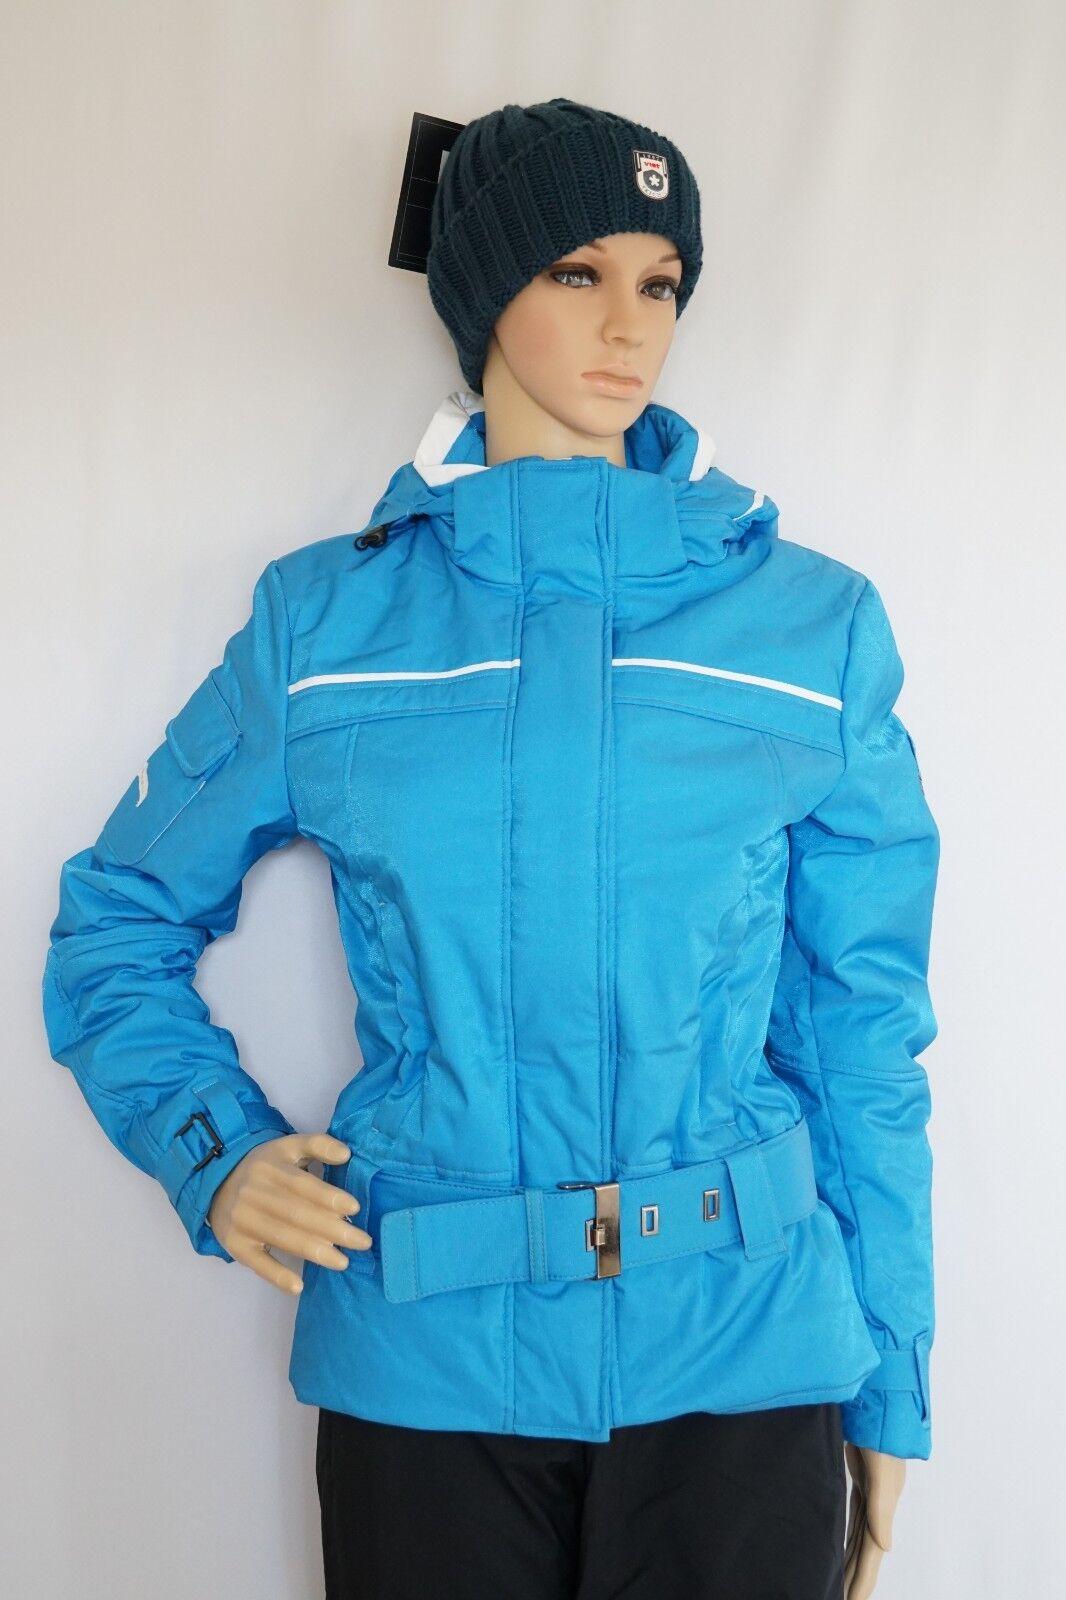 Vist damen 412 STELLA Ski Jacket damen Größe M w belt